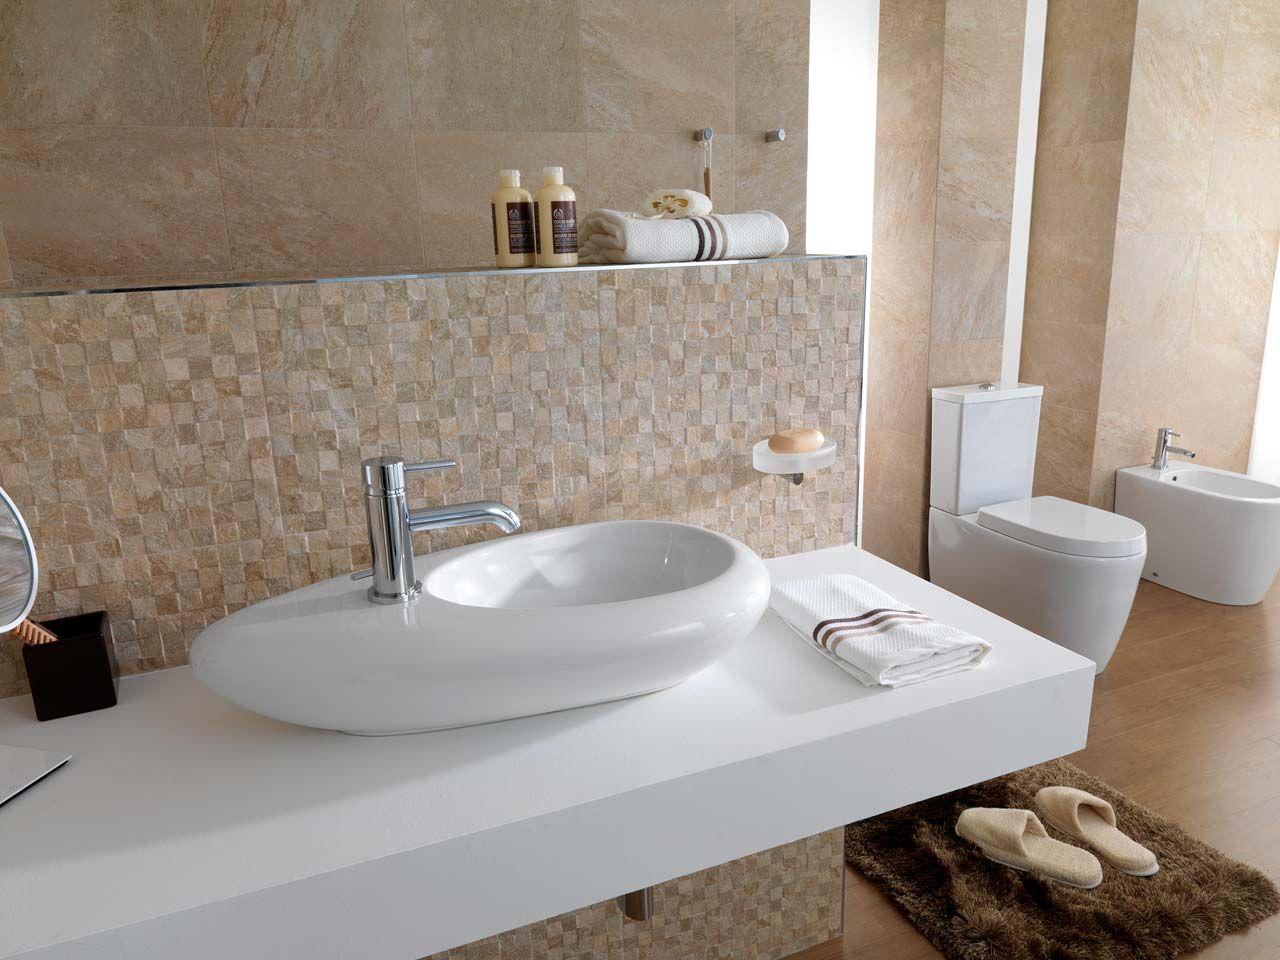 Lavabo flame de noken lavabos washbasin pinterest lavabo ba os y cocinas - Porcelanosa banos precios ...